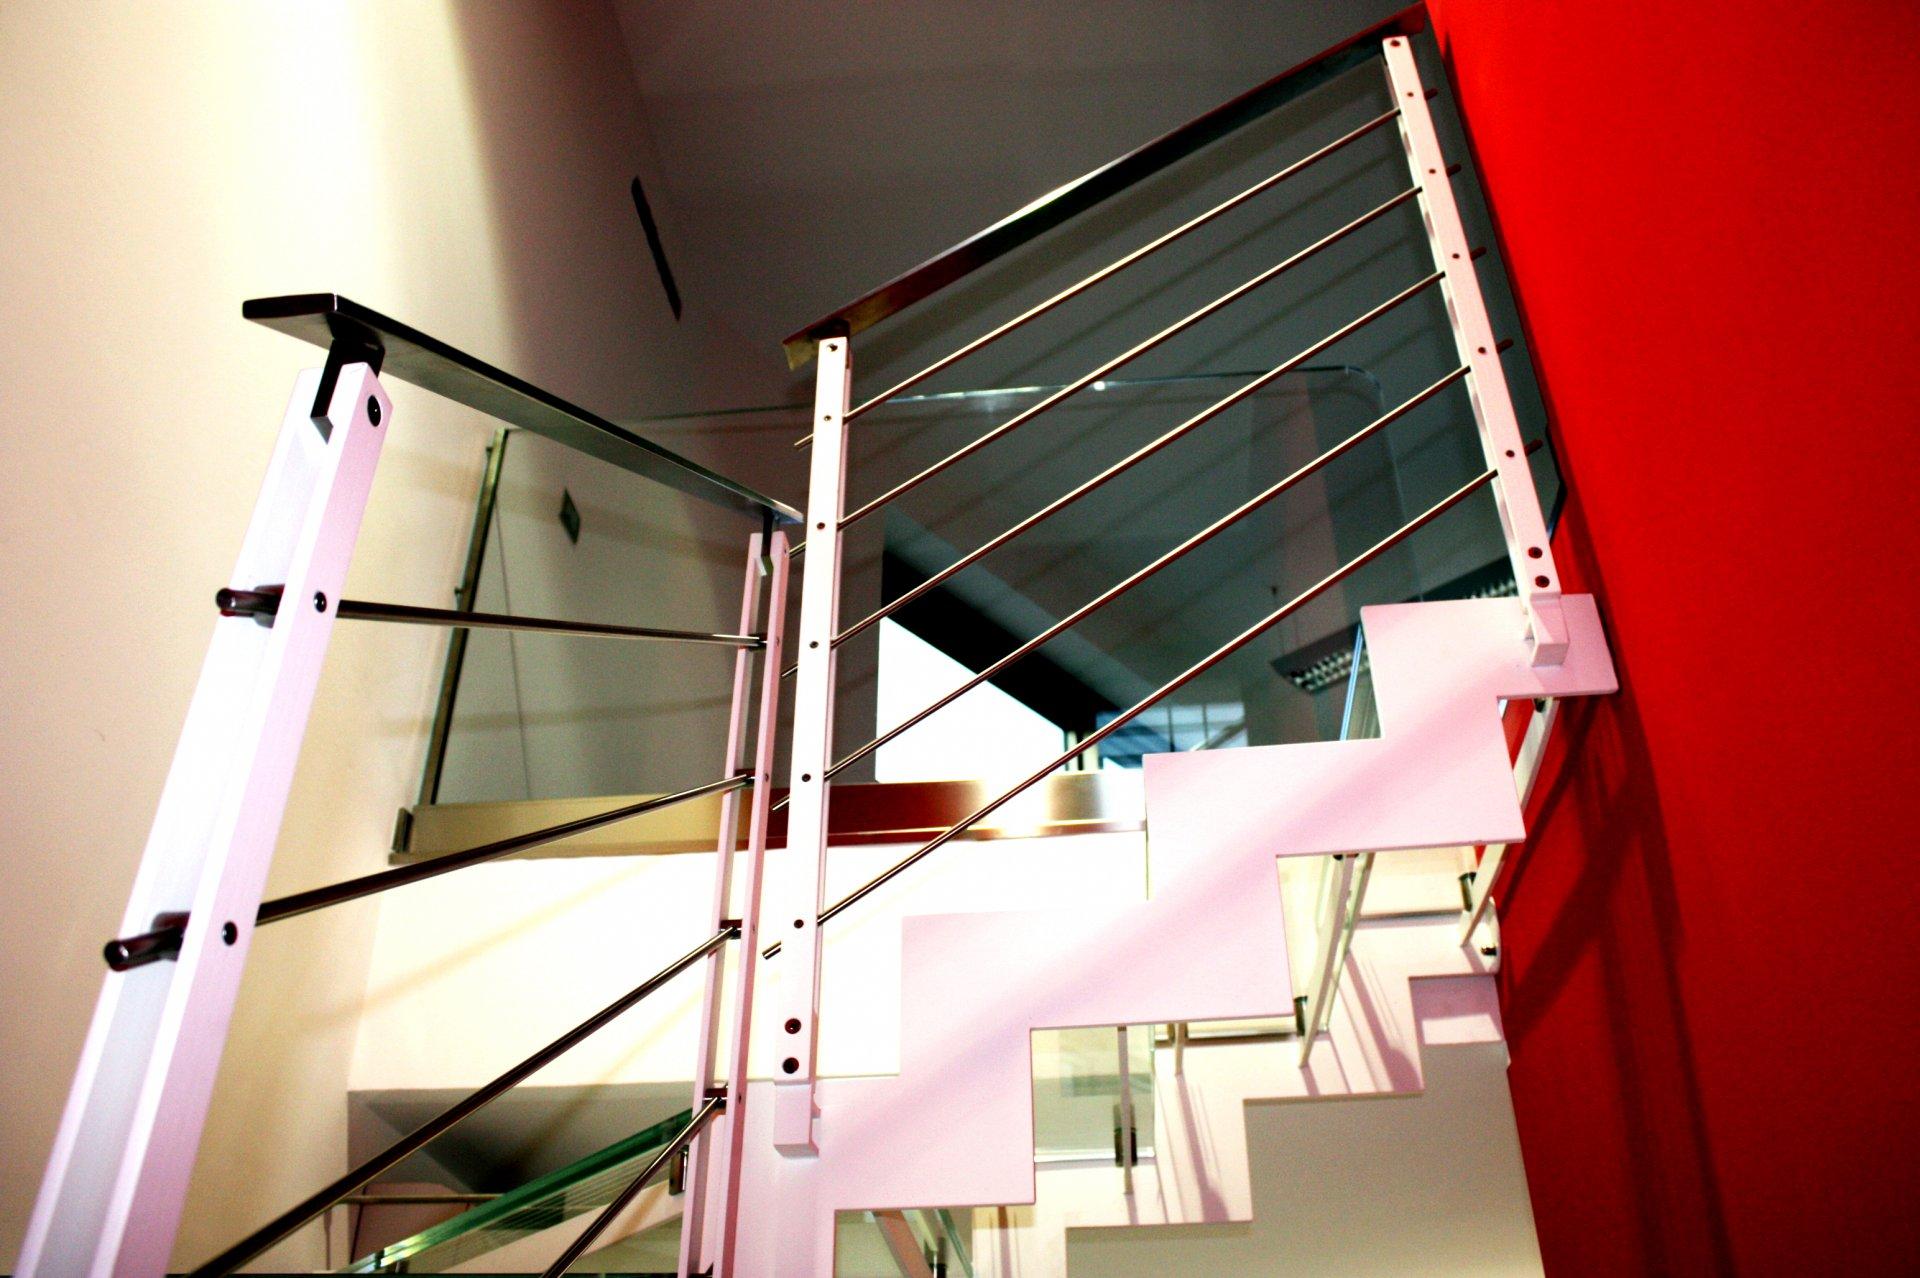 Scala interna con costole in ferro e gradini in vetro ab serramenti - Scala interna in ferro ...